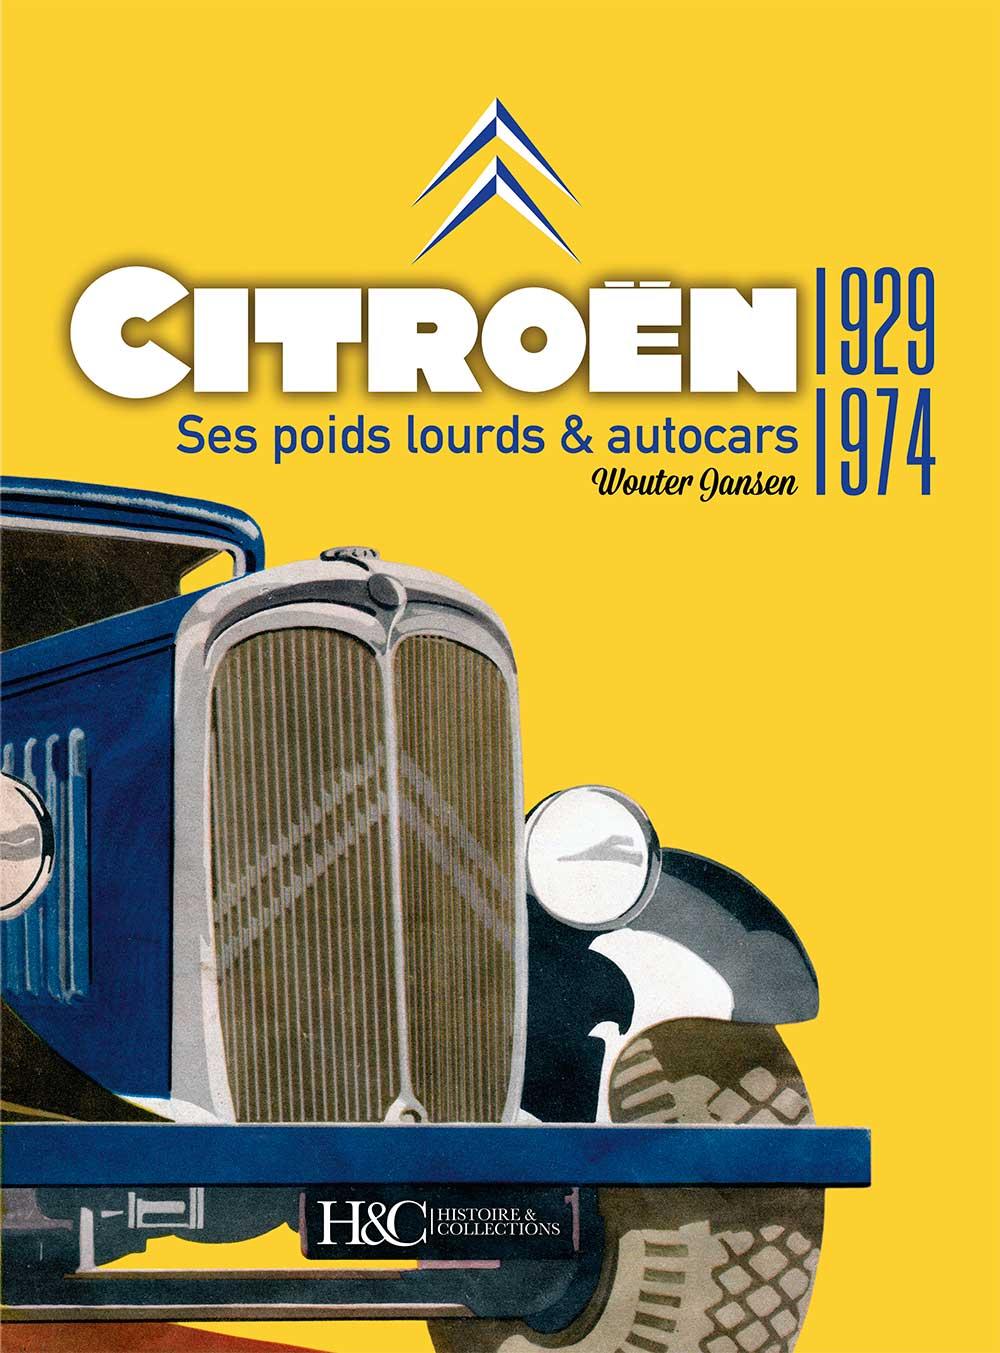 Citroën - ses poids lourds et autocars 1929-1974 0110